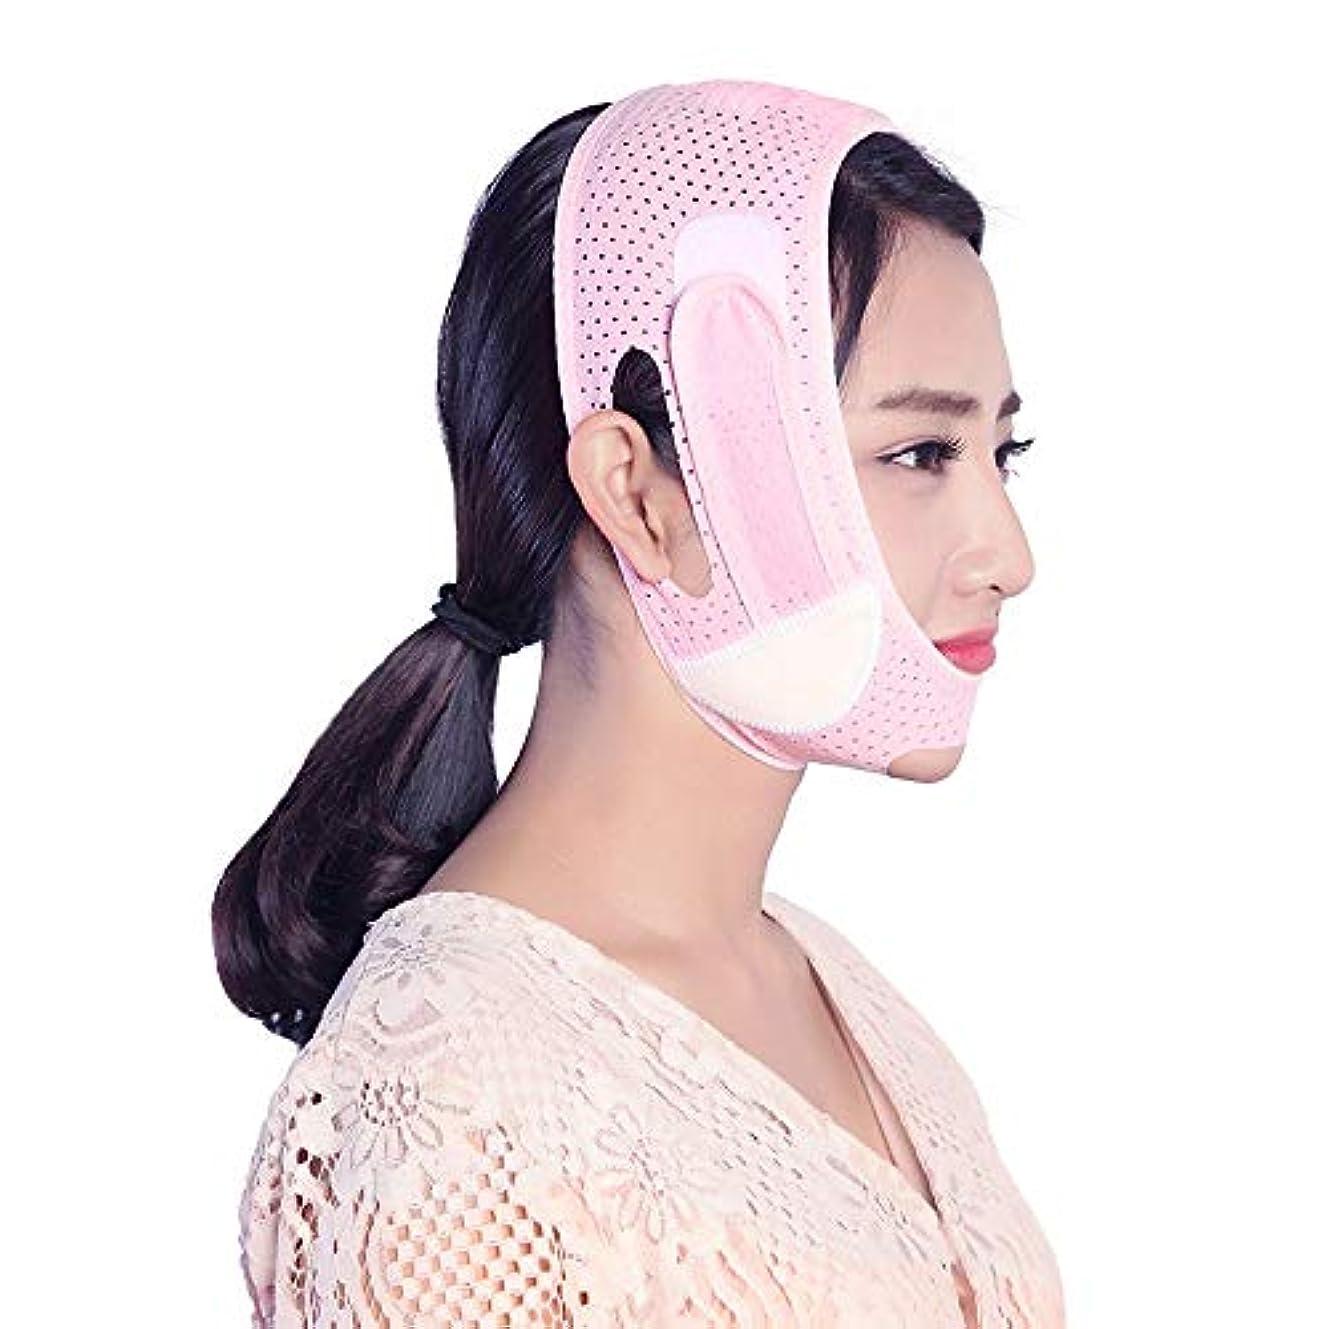 推定する教科書野ウサギJia Jia- 睡眠薄い顔パッチ包帯吊り上げプルv顔引き締めどころアーティファクト判決パターン二重あご薄いマッセルマスク - ピンク 顔面包帯